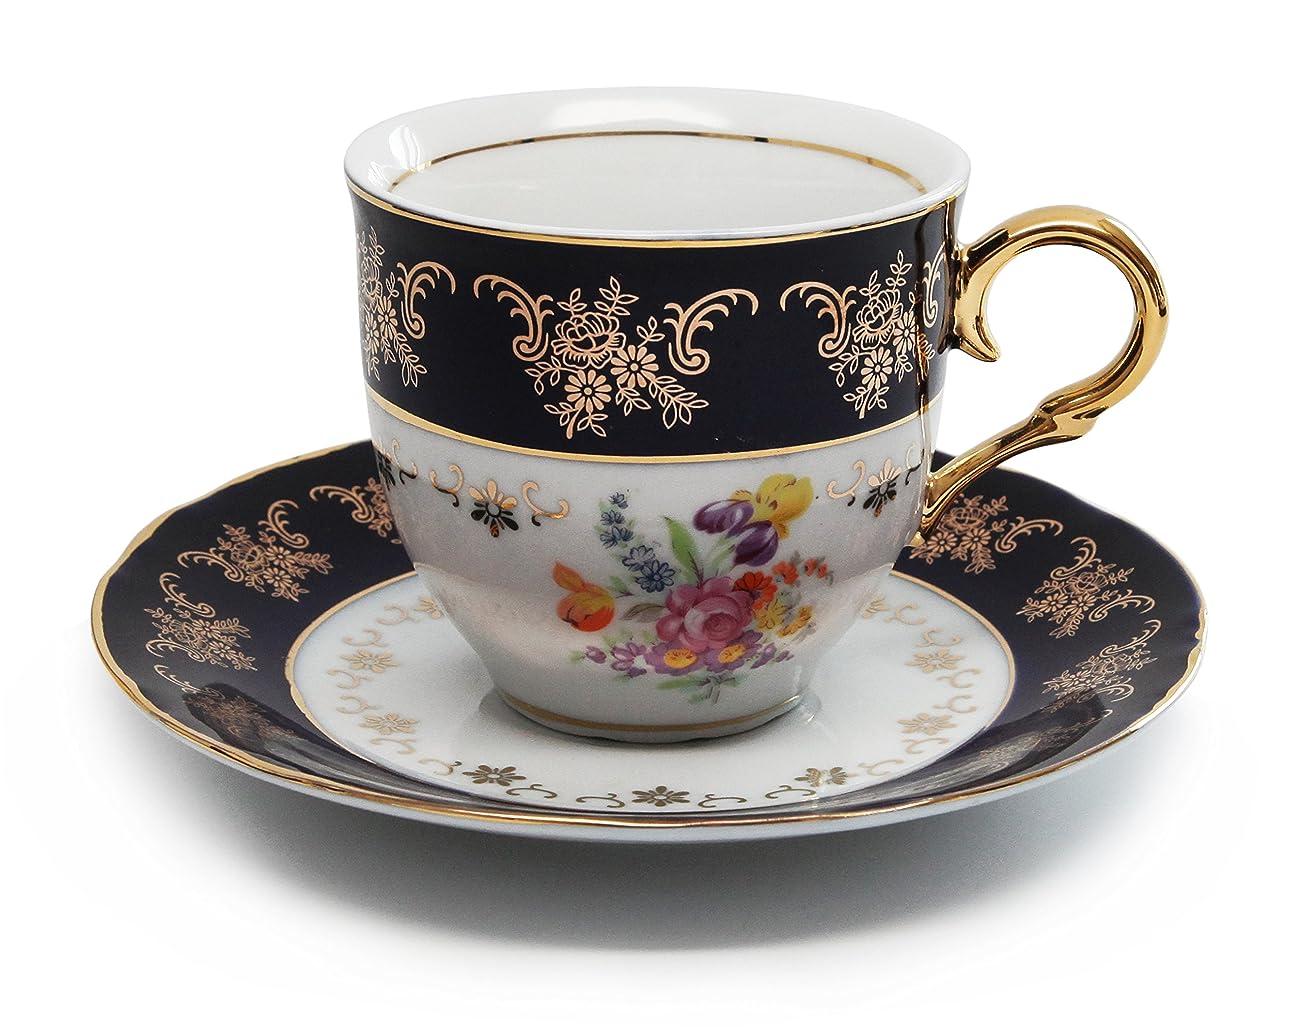 Royal Porcelain 17pc Flower-Patterned Dark Blue Tea Set, 24K Gold-Plated Original Cobalt Tableware, Service for 6 5